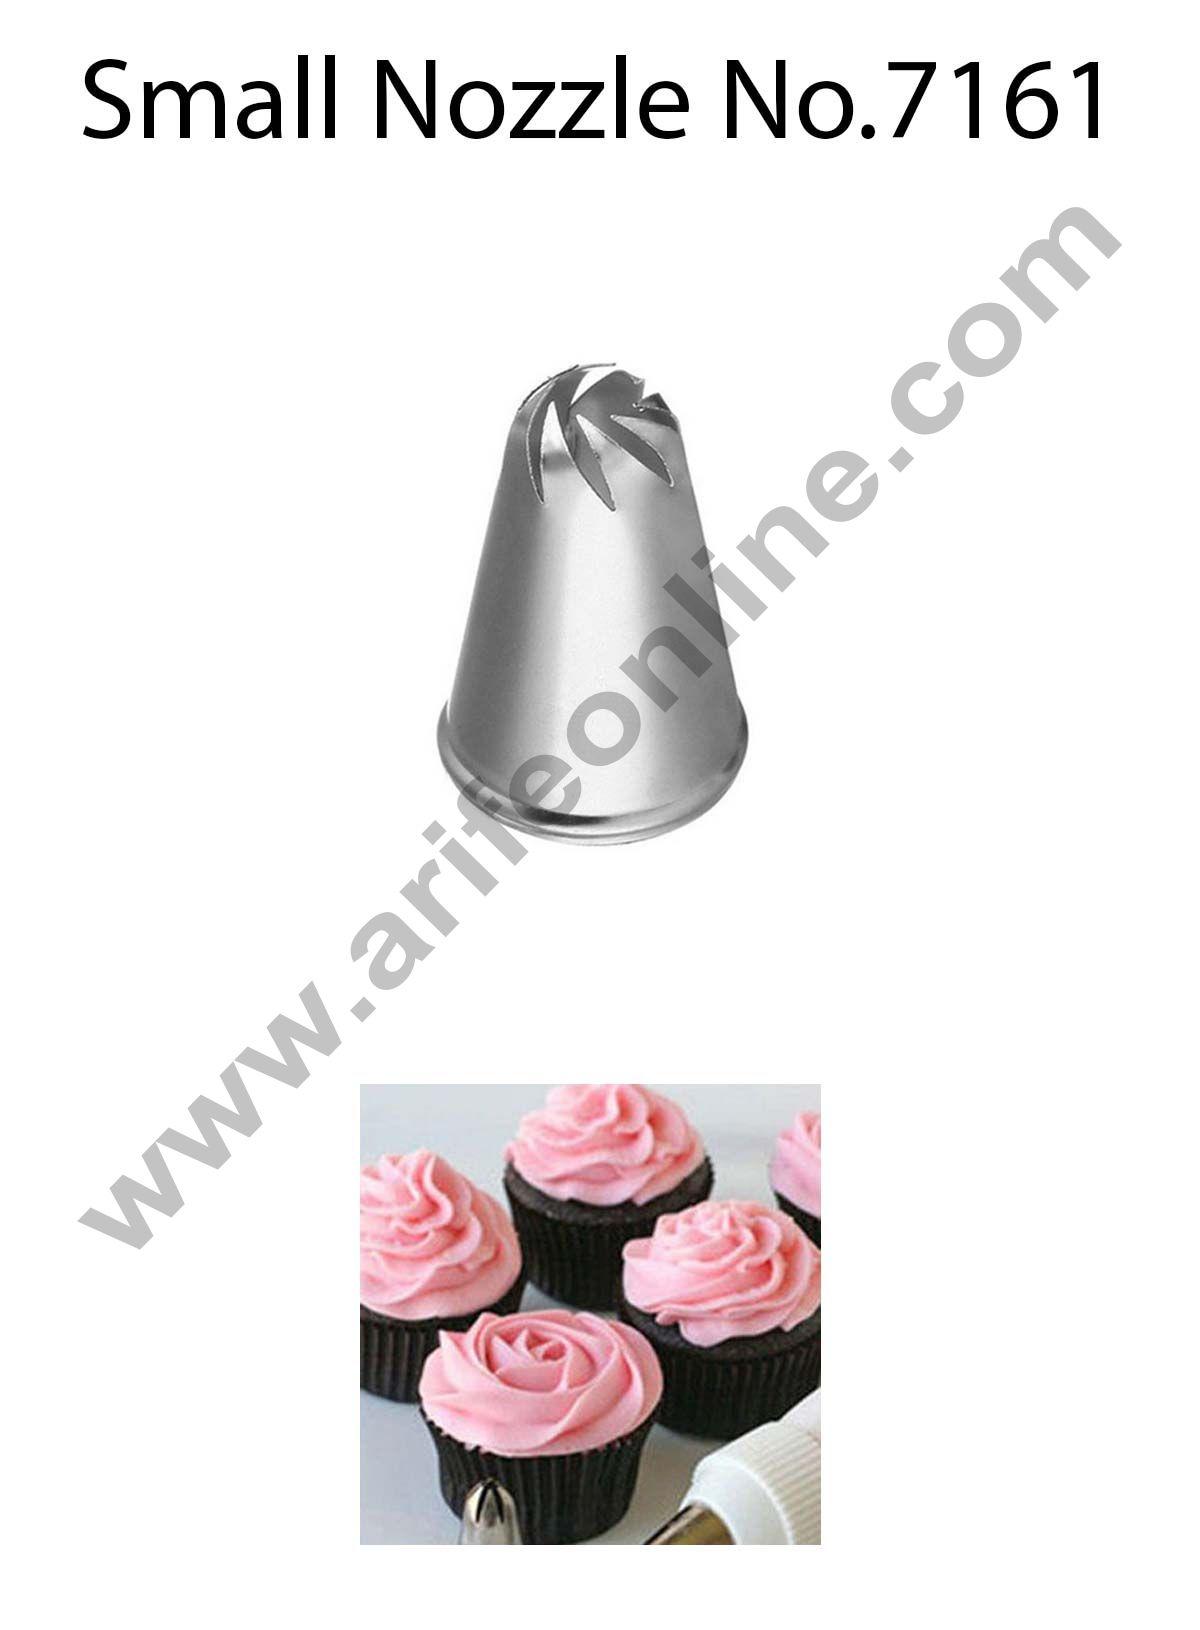 Cake Decor Small Nozzle - No. 7161 Drop Flower Piping Nozzle